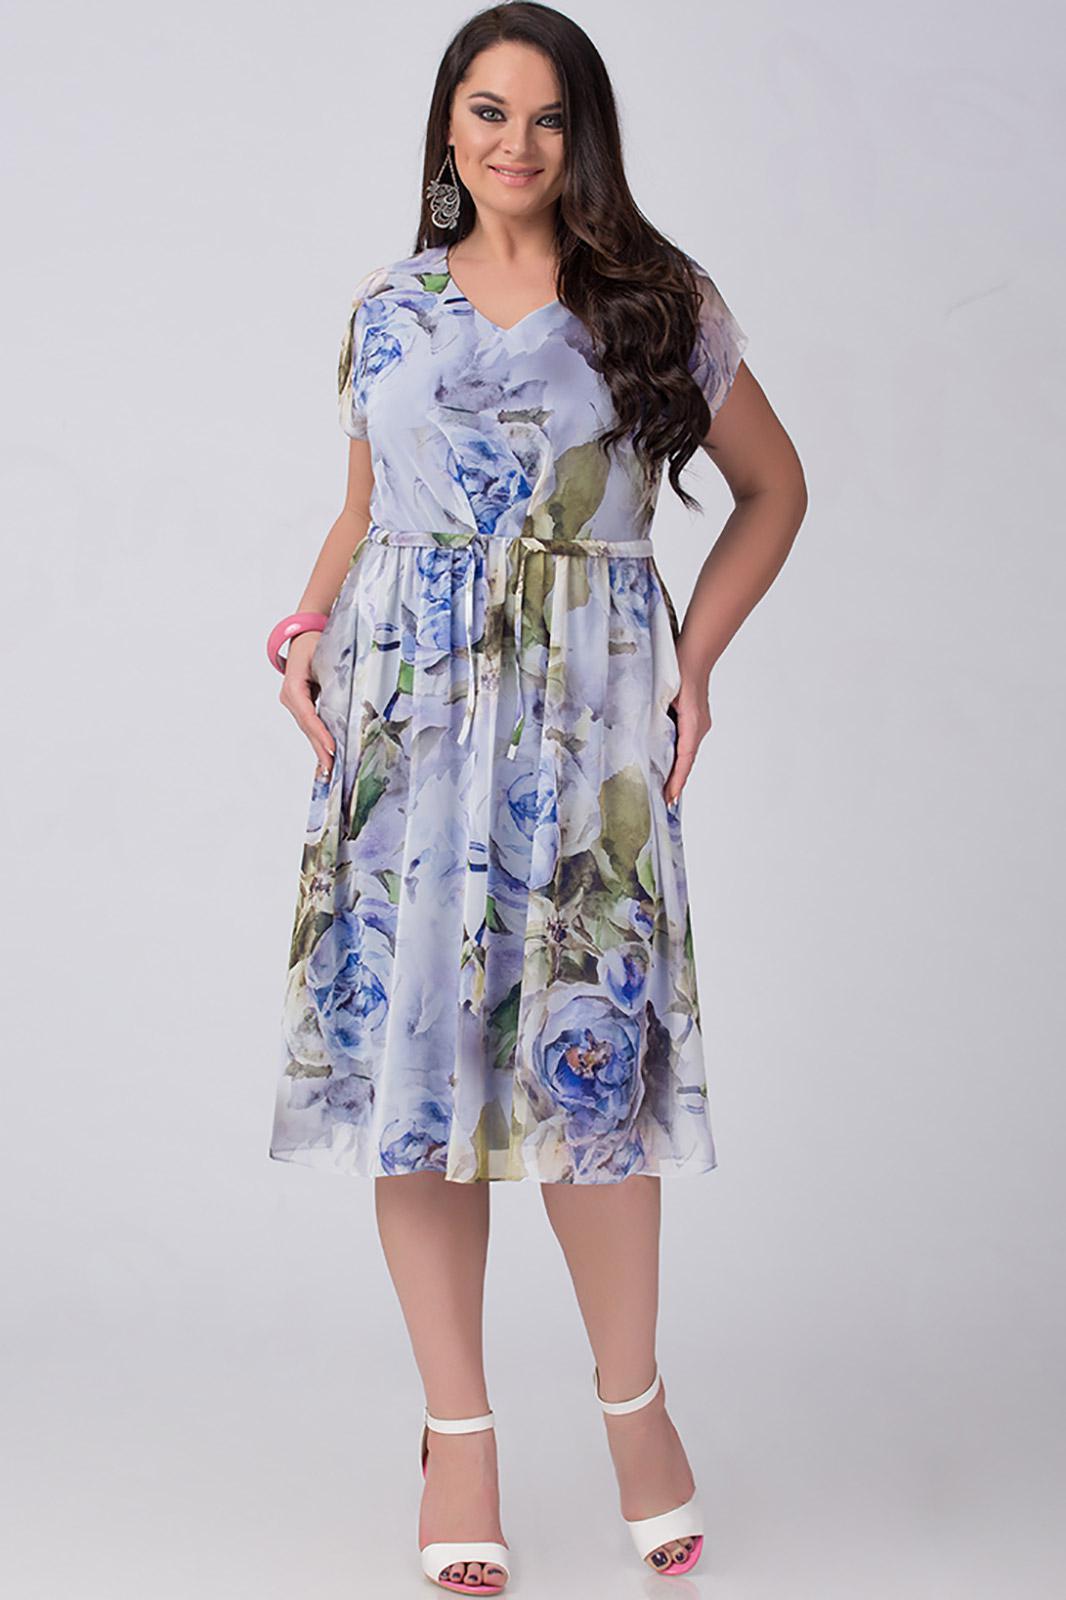 Купить Платье Erika Style, 661 голубой в цветы, Беларусь